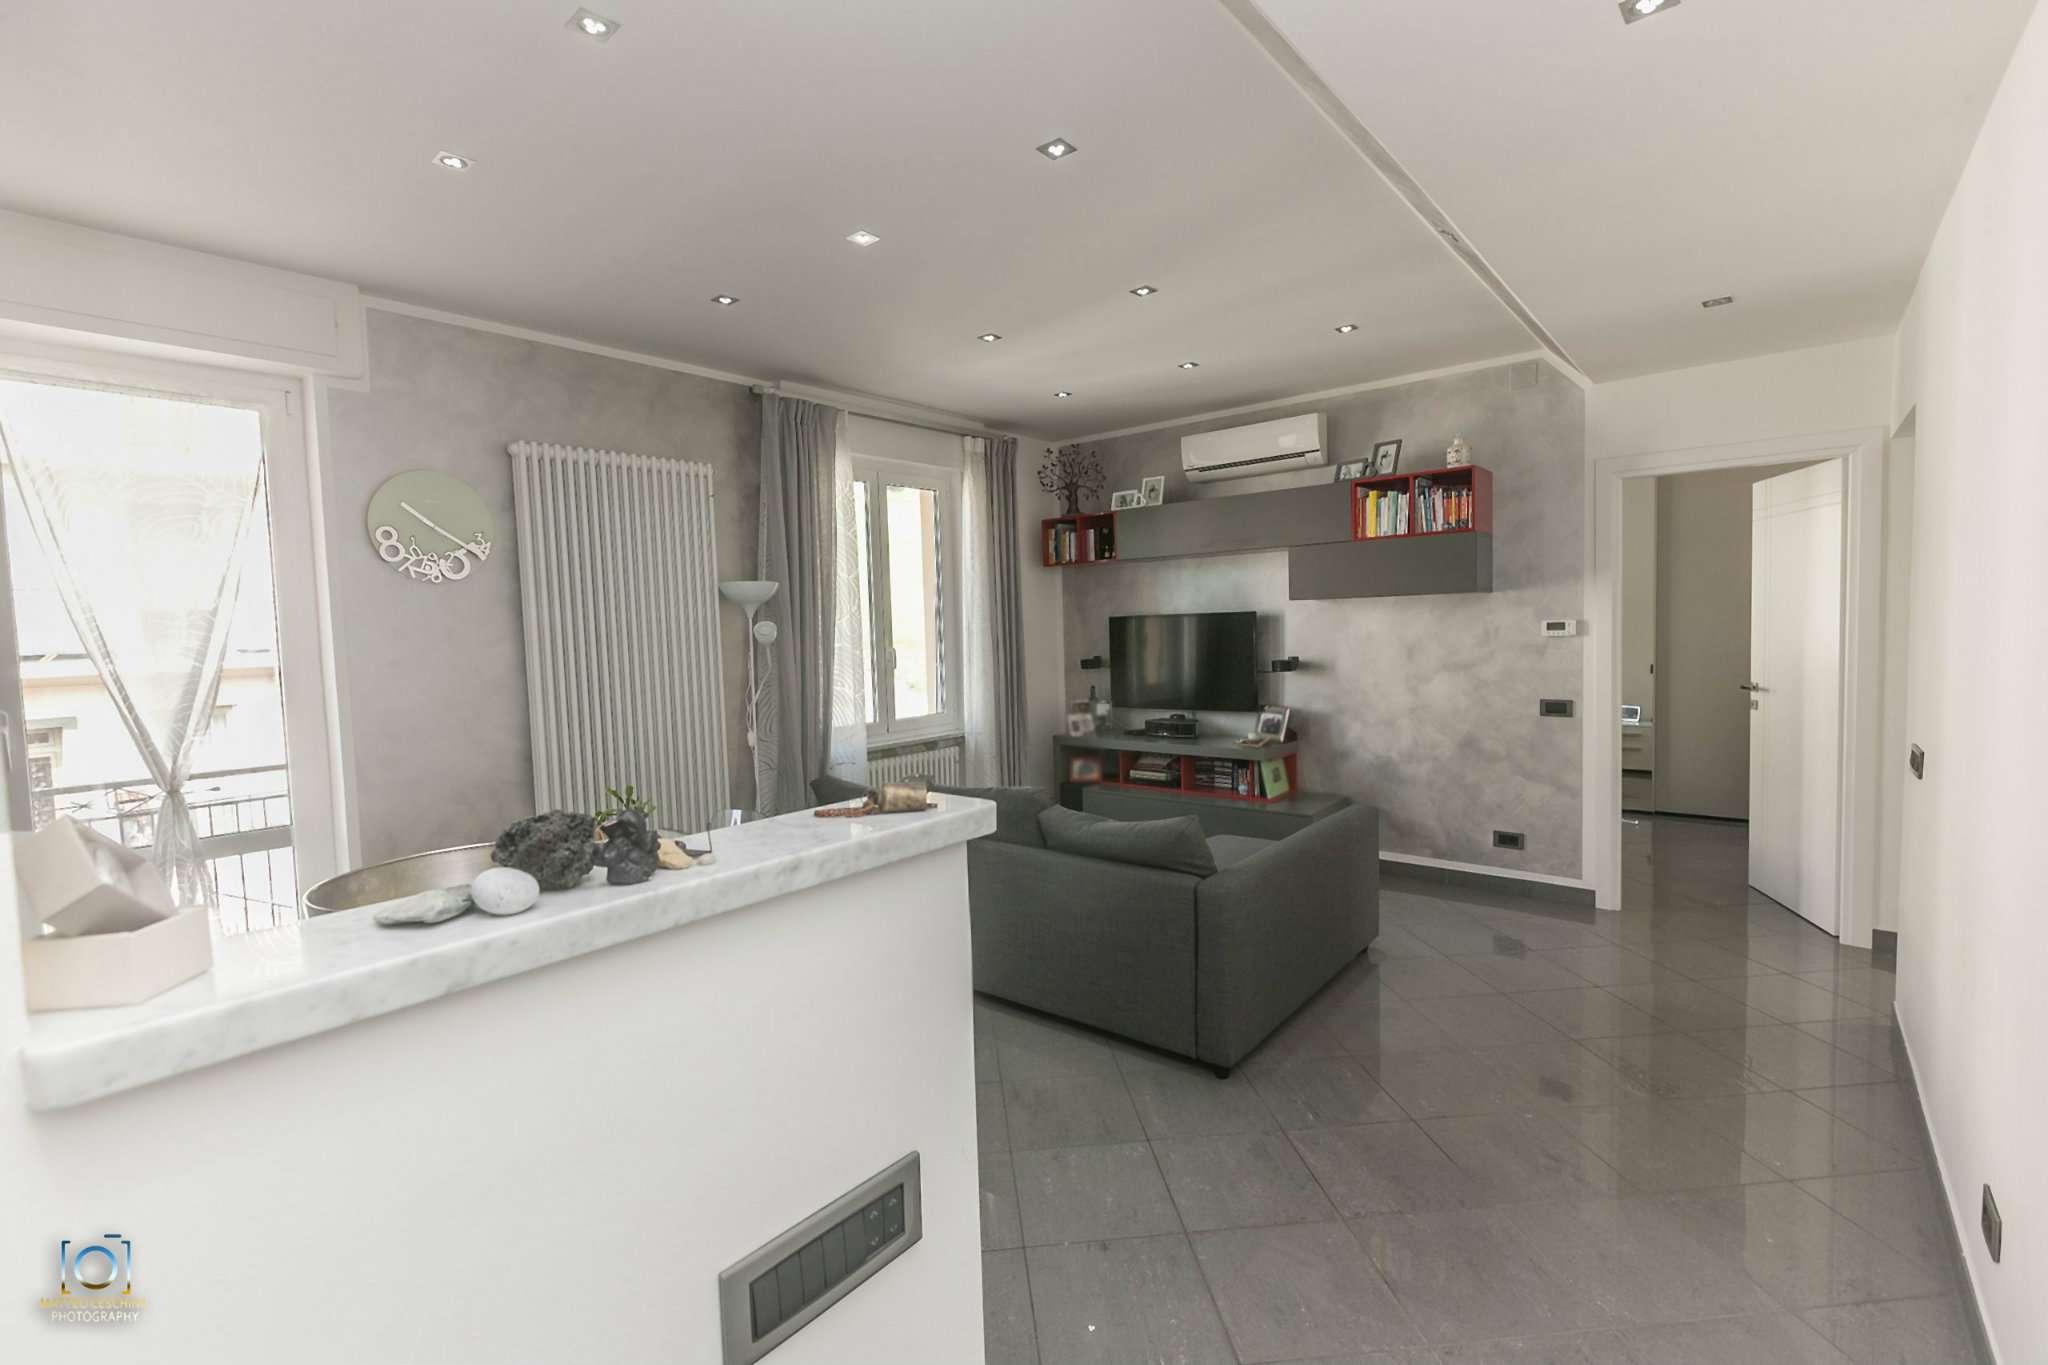 Appartamento in vendita a Campomorone, 5 locali, prezzo € 155.000 | CambioCasa.it